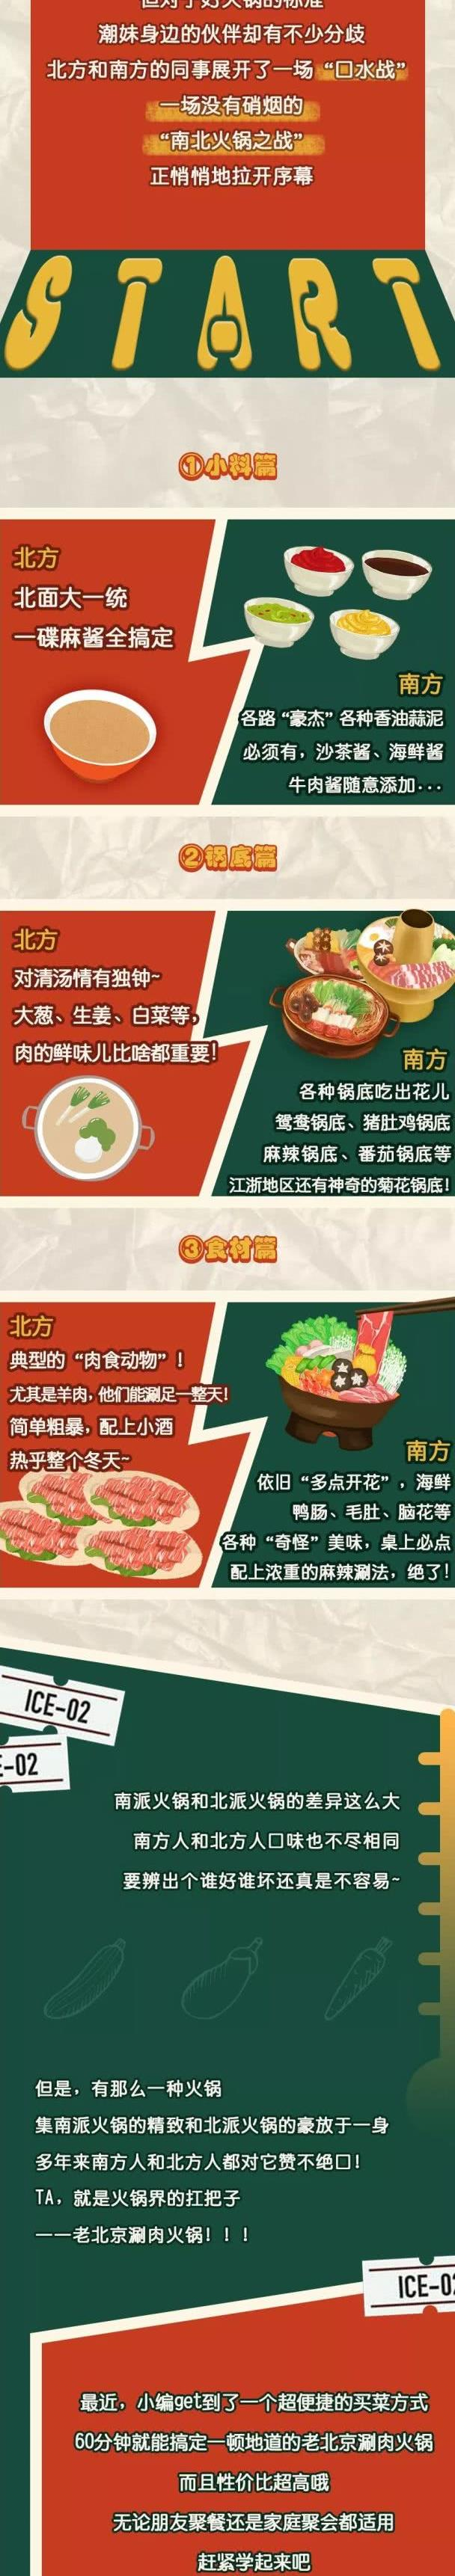 不用出门!60分钟搞定一顿B格满满的老北京涮肉火锅!